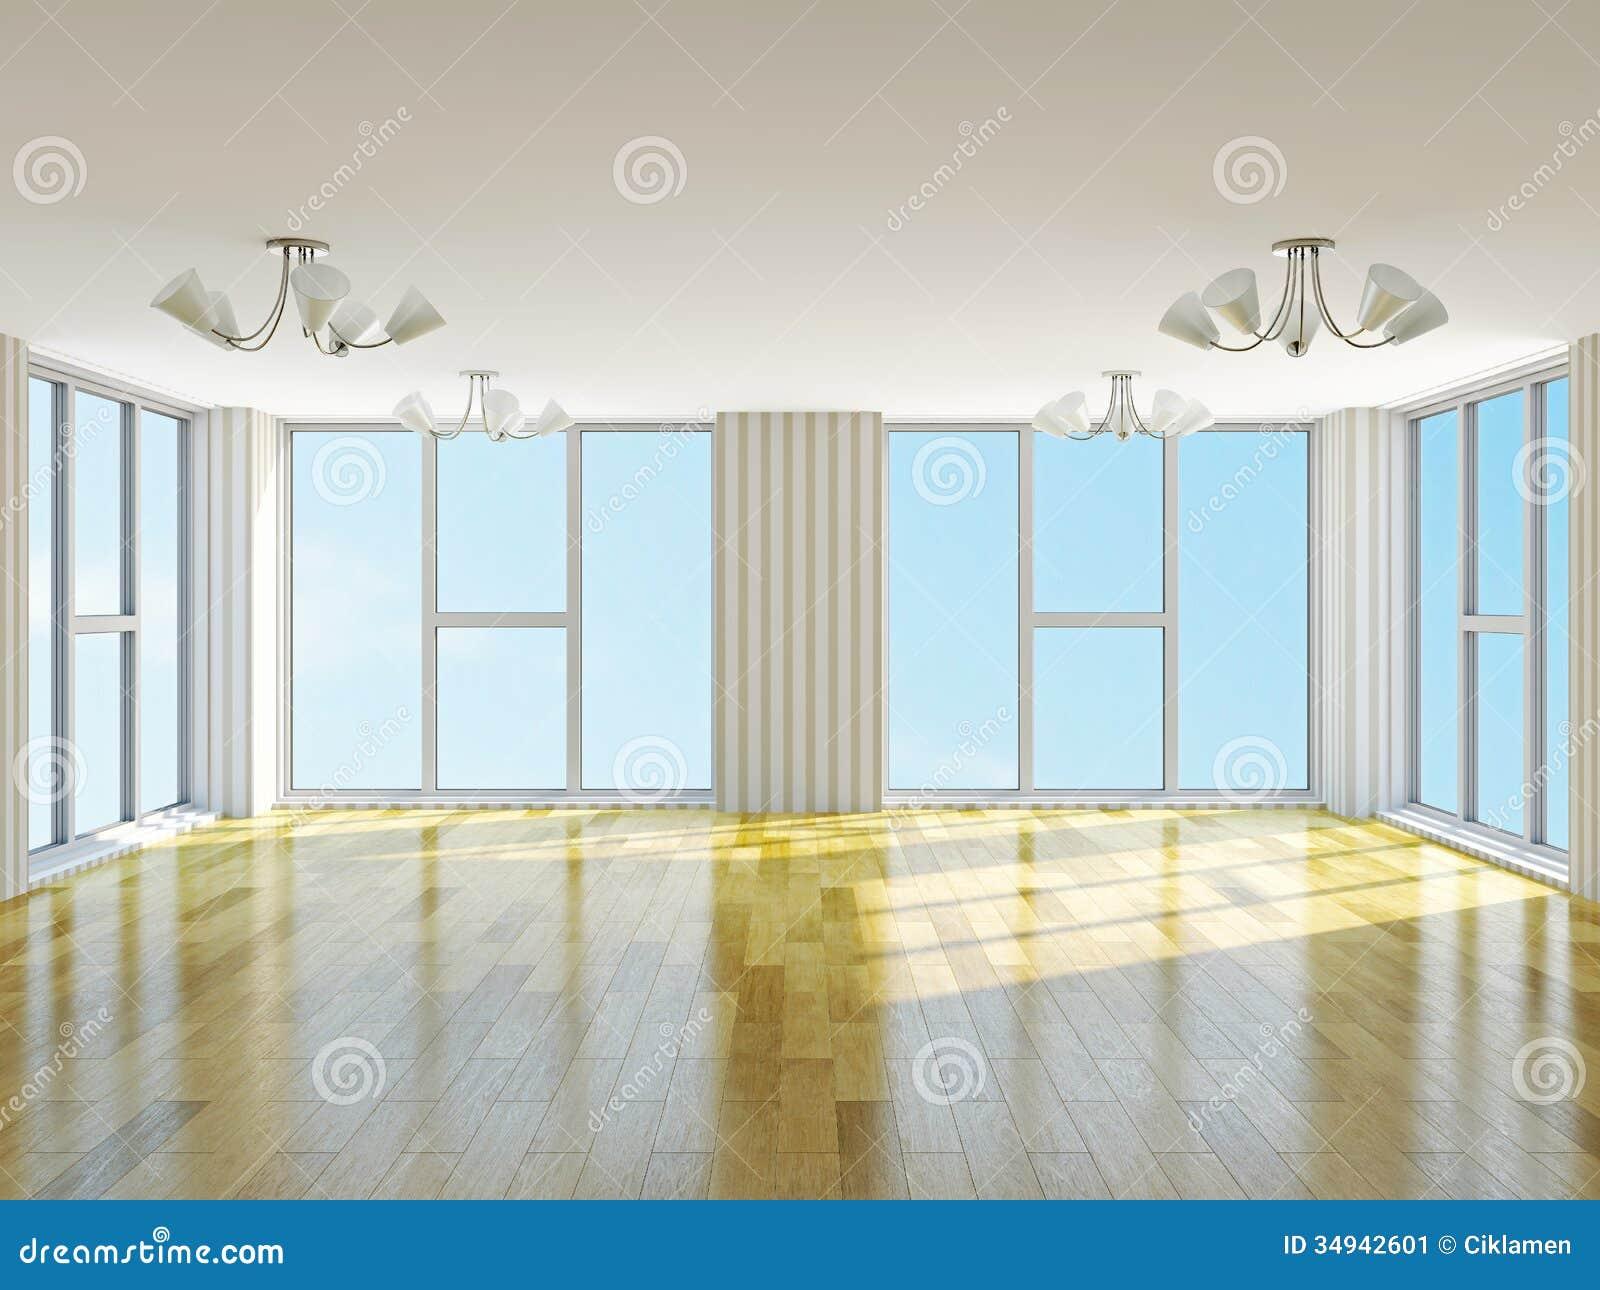 Big empty living room - The Big Empty Room